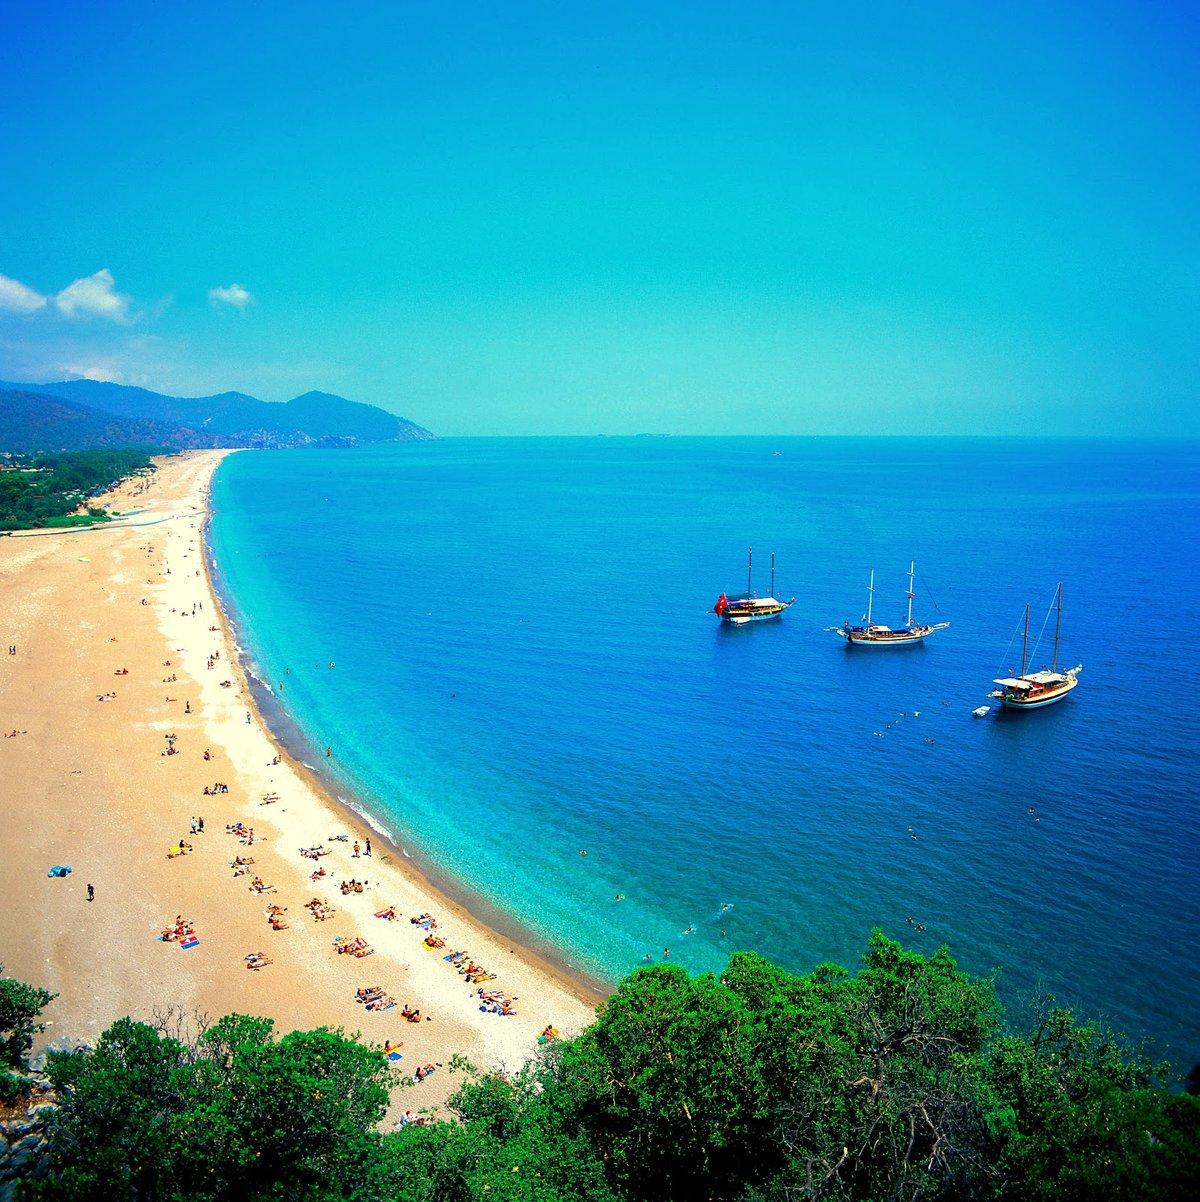 Турция картинка пляж